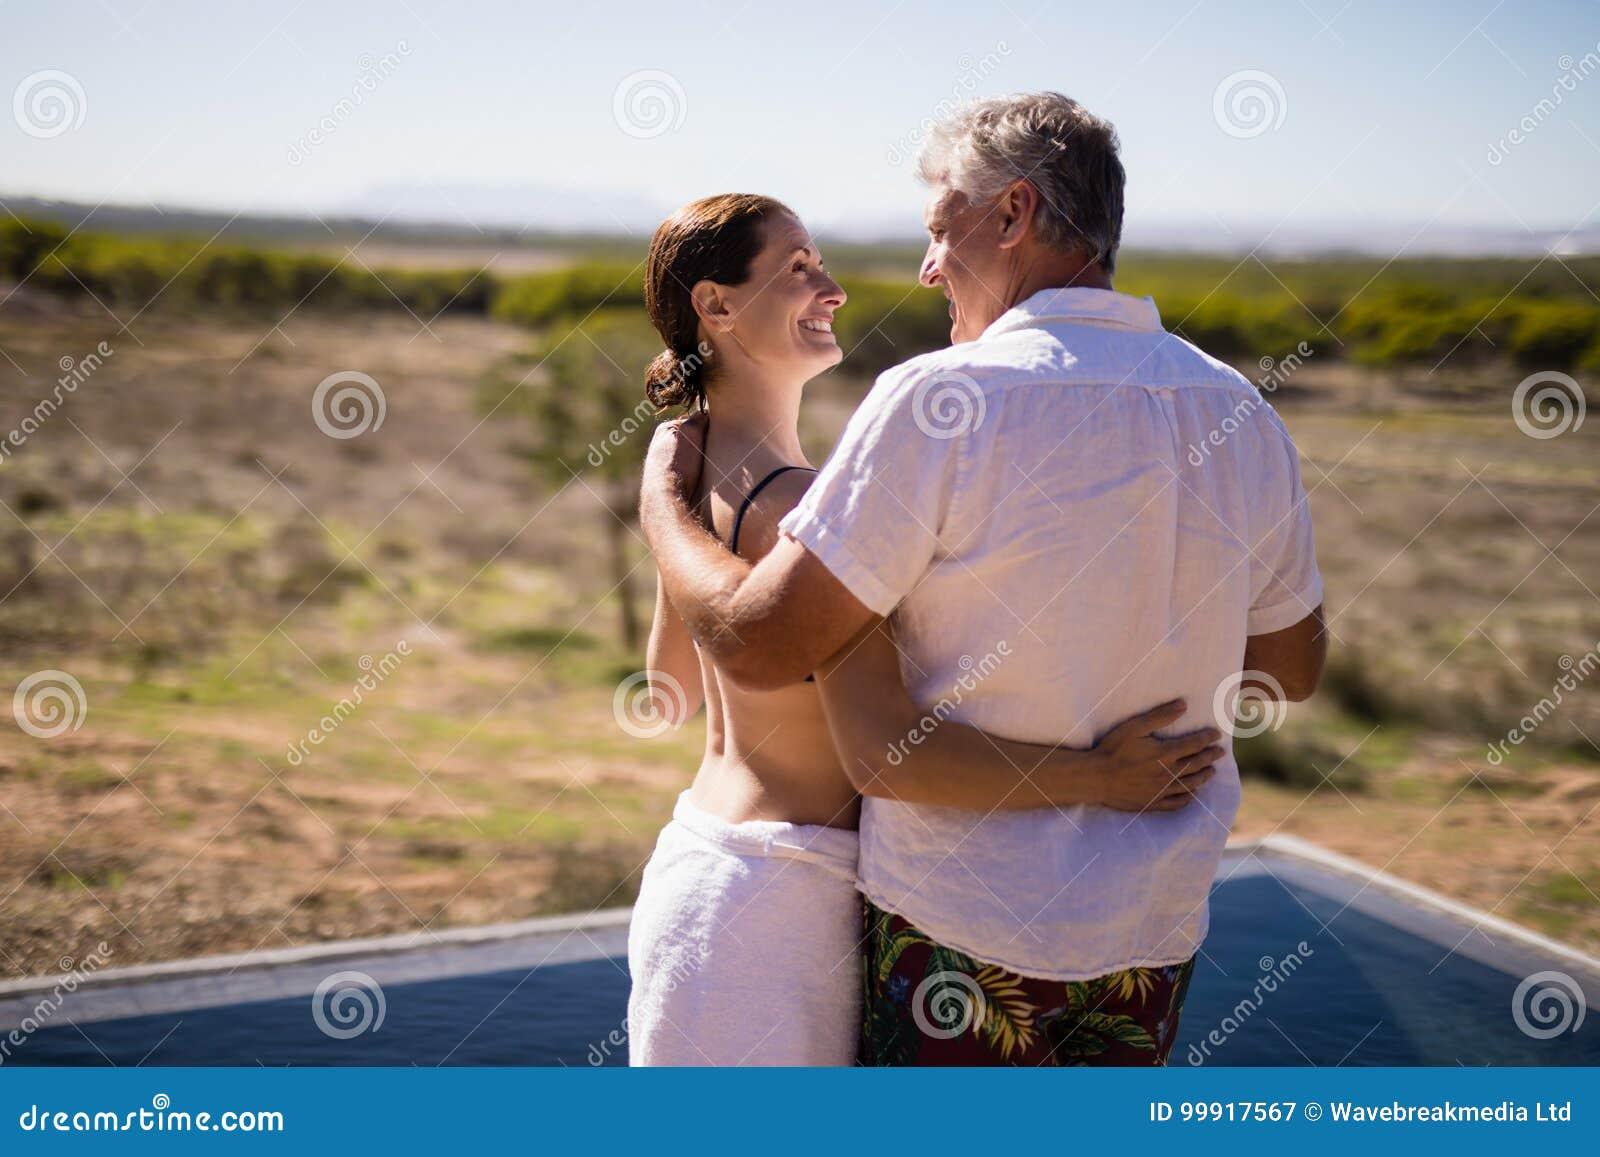 拥抱在游泳池边附近的微笑的夫妇